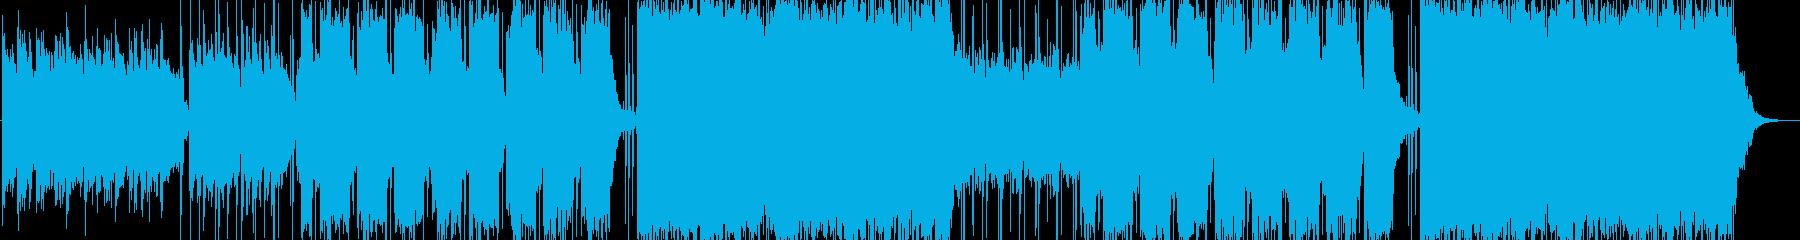 メタル 積極的 焦り 劇的な ワイ...の再生済みの波形